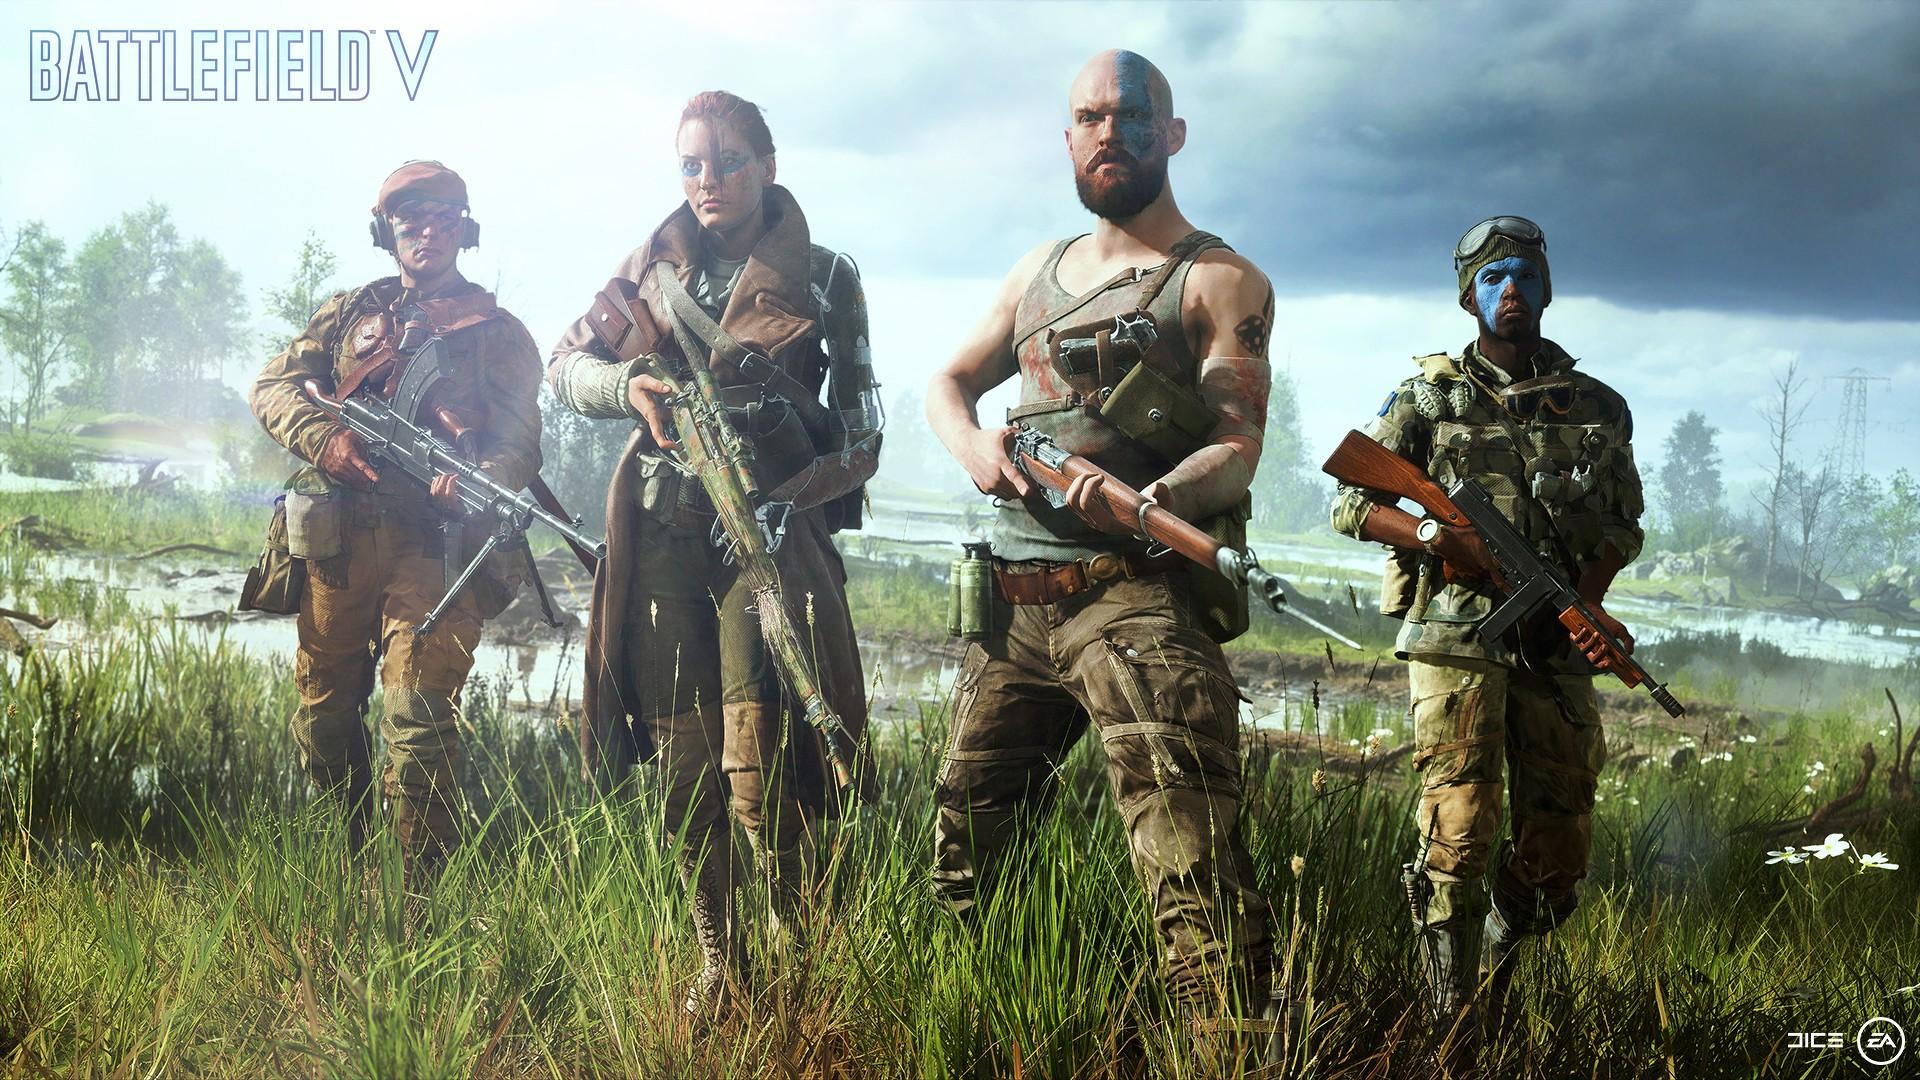 Battlefield V Screenshot 3